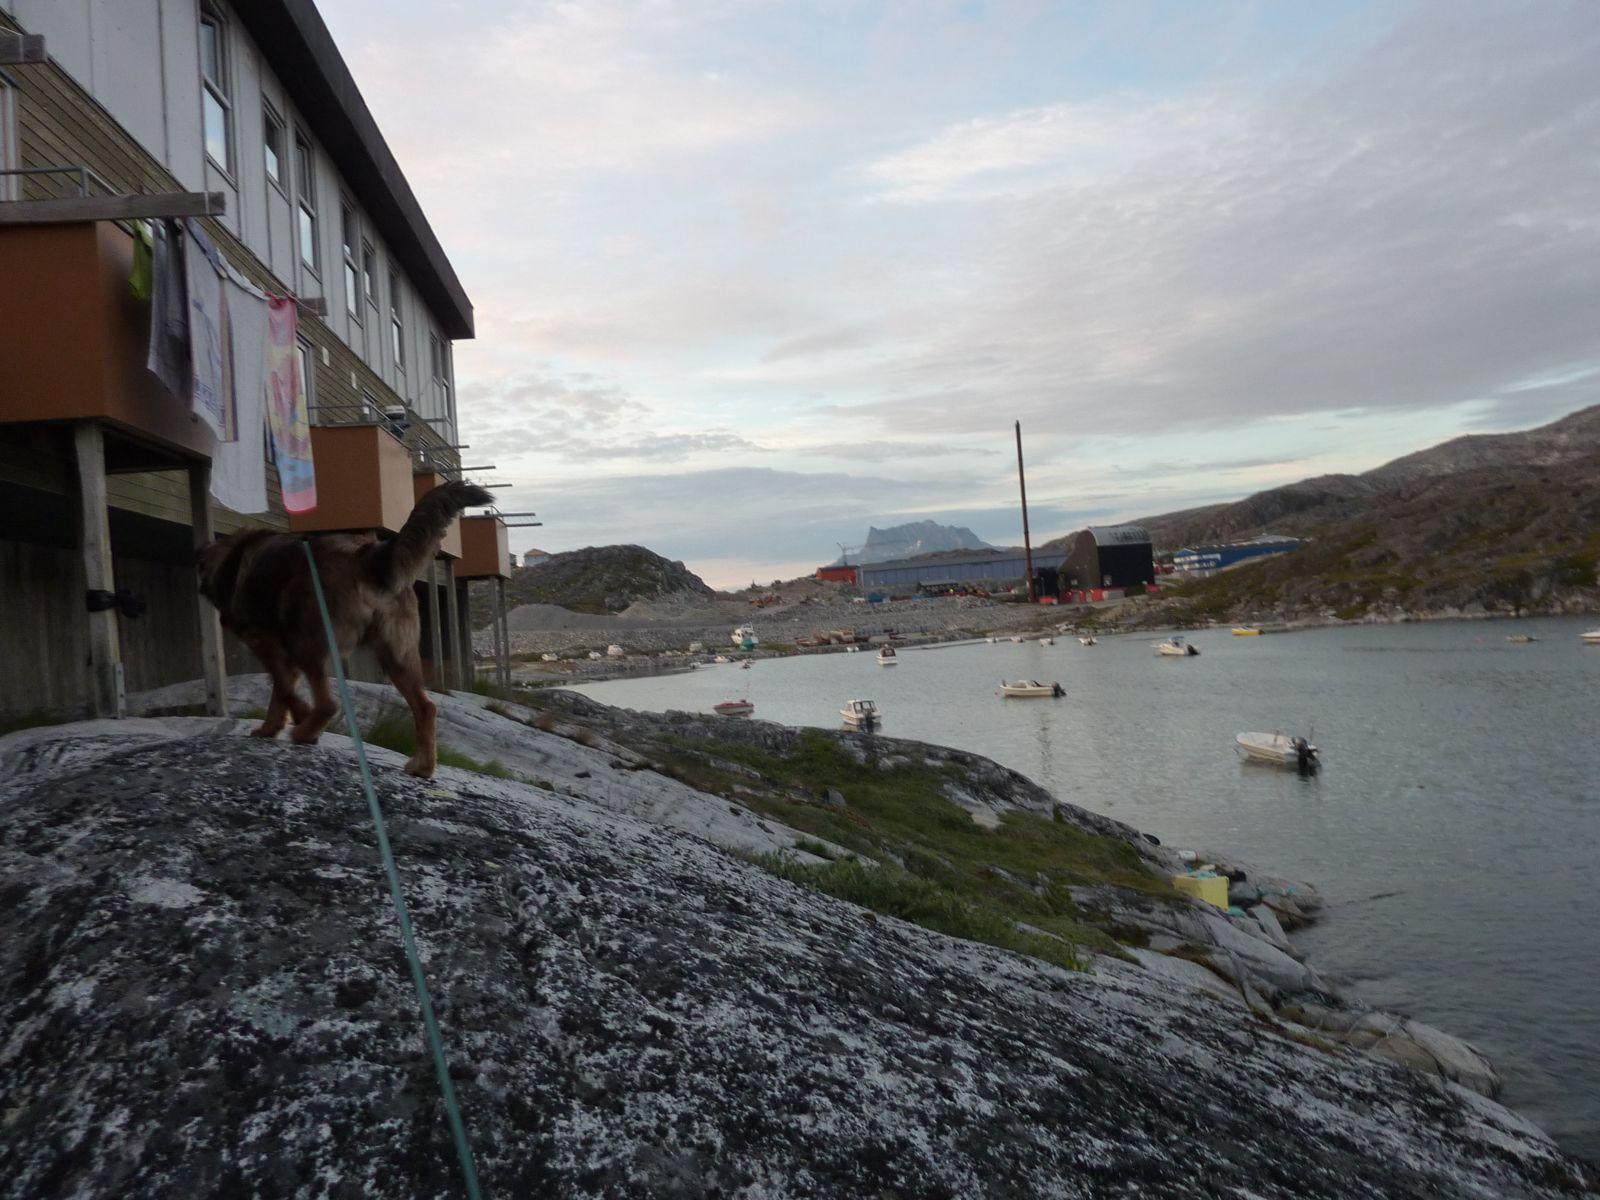 2010-07-15-2257_-_Djanco; Sermitsiaq